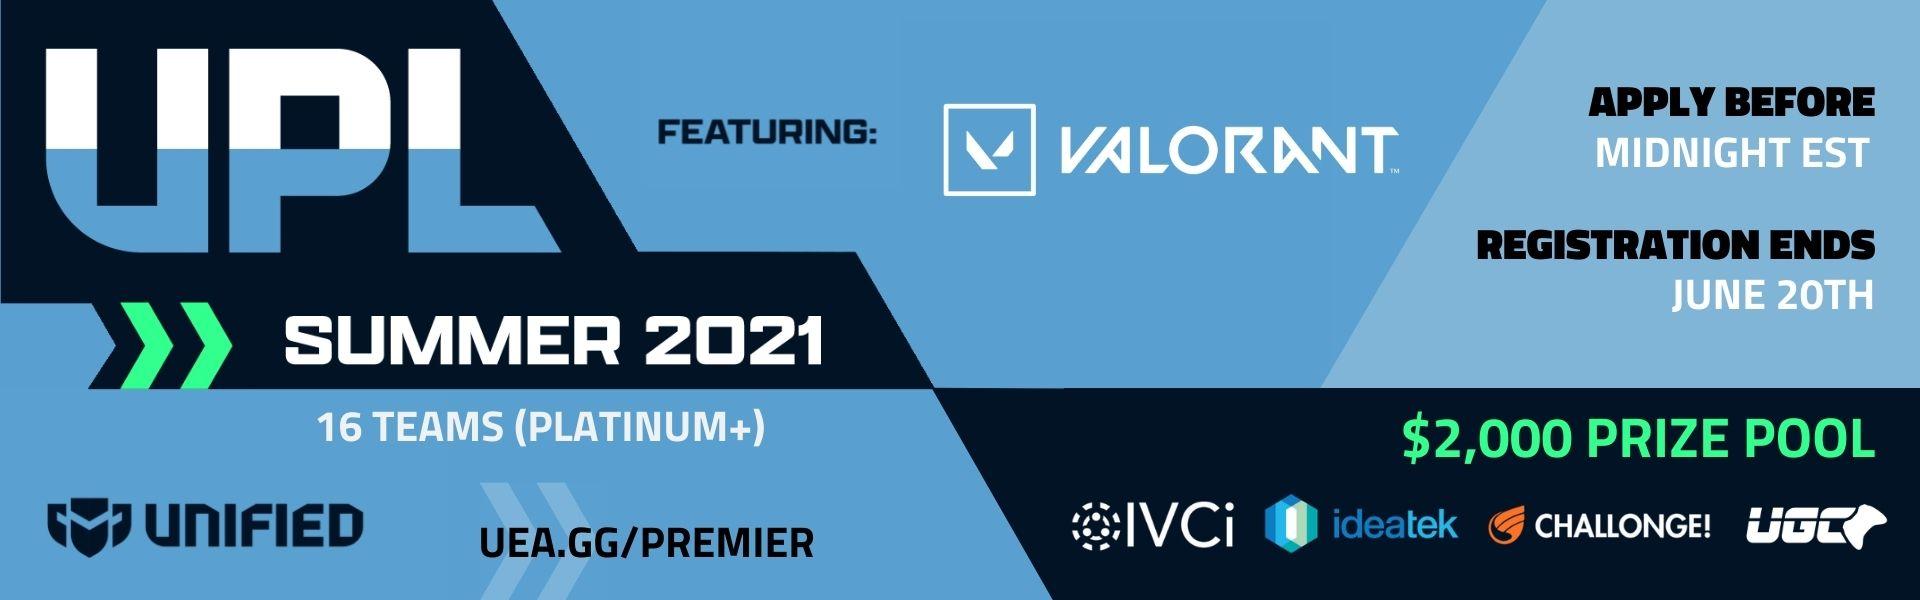 Upsurge Premier League - Valorant - Summer 2021